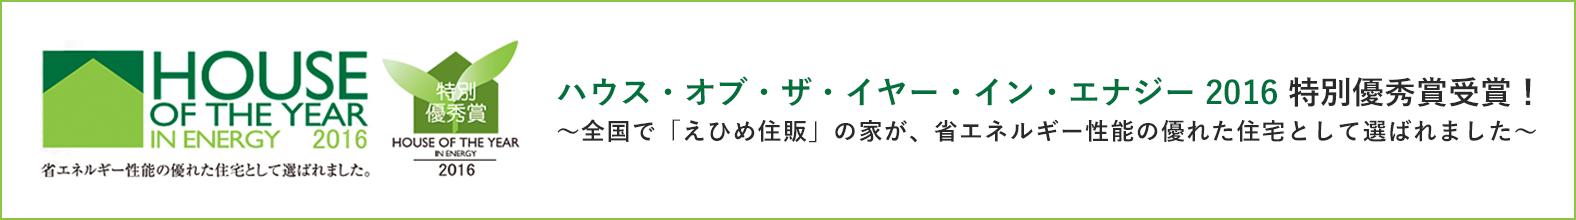 ハウスオブザイヤーインエナジー2016特別優秀賞受賞!